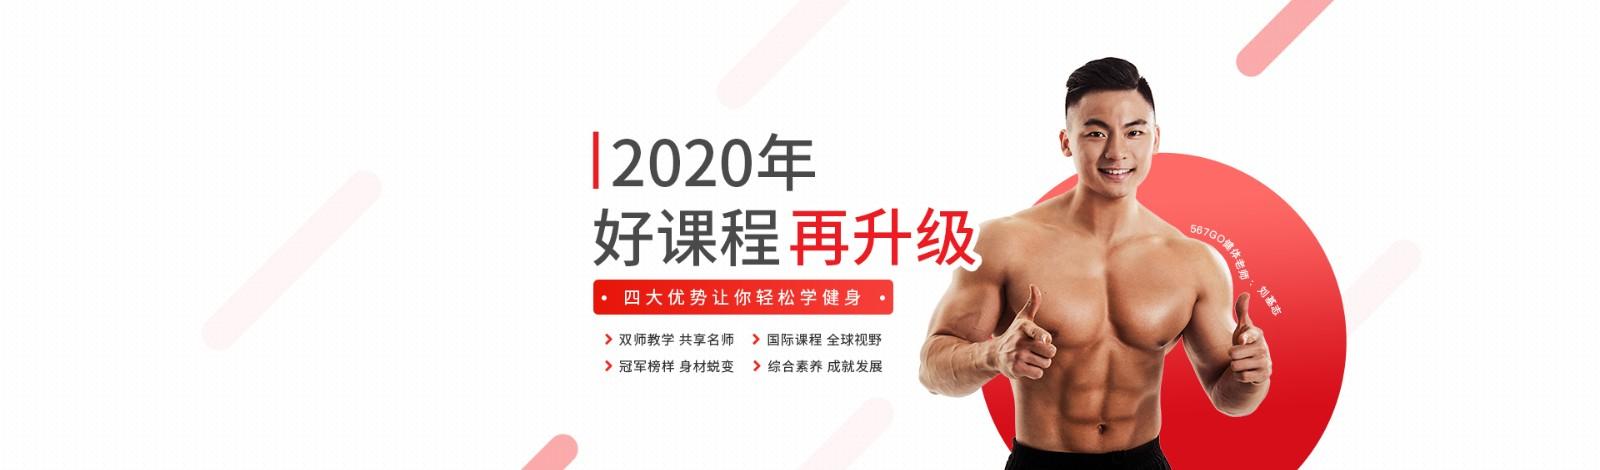 济南567GO健身学院 横幅广告